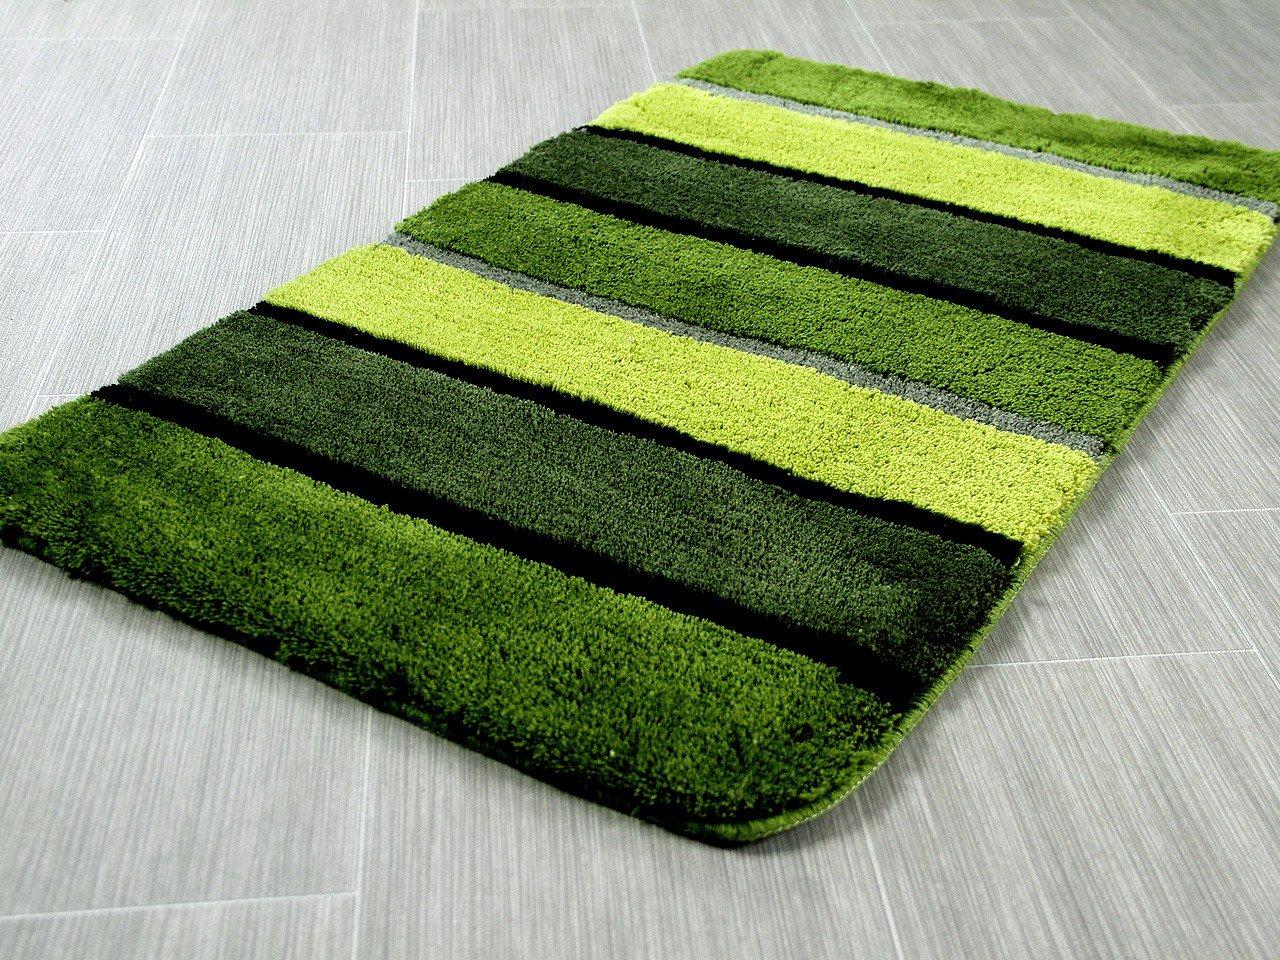 Pacific Badteppich Bali Grün Streifen in 5 Größen